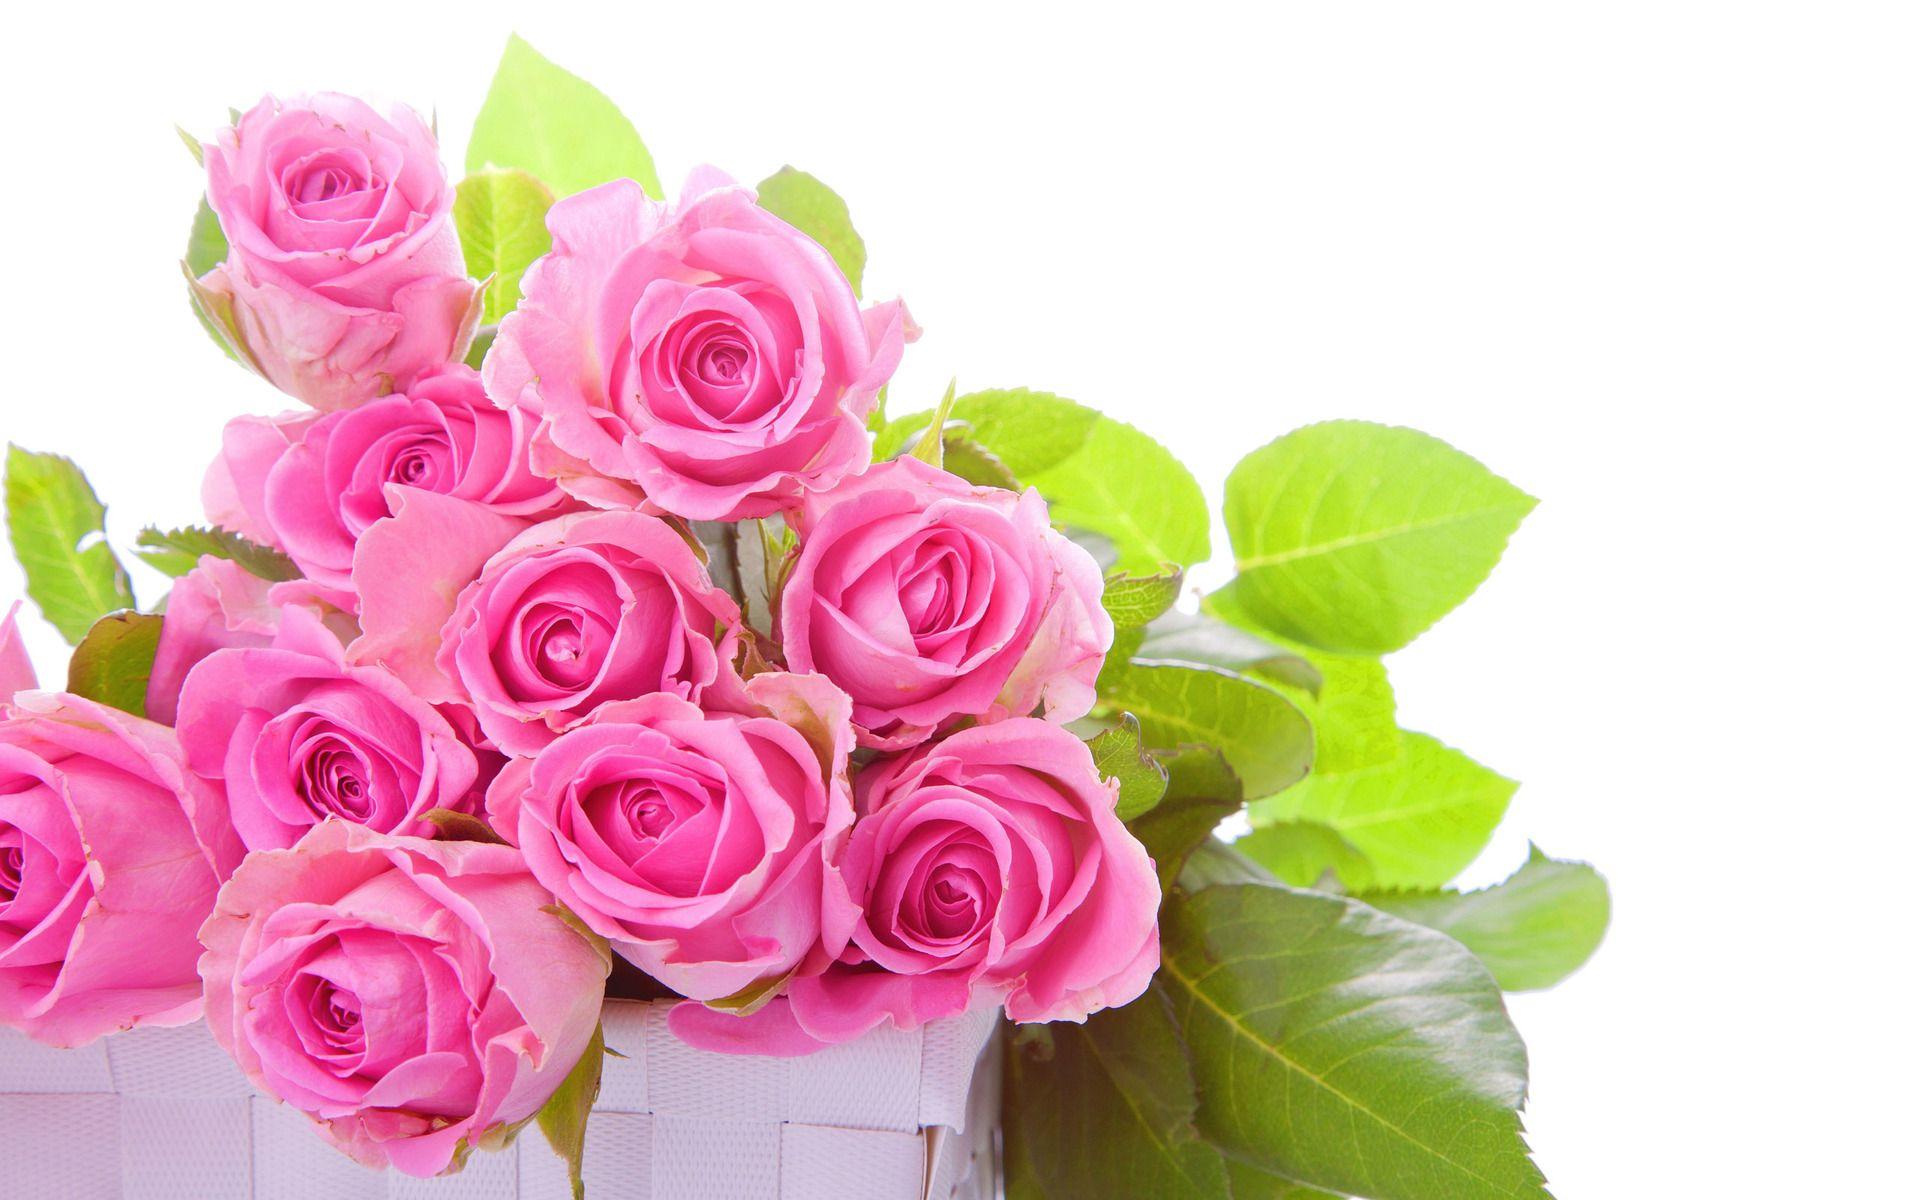 Pink Rose Garden Wallpaper pink-roses-bouquet-flower-hd-wallpaper-1920x12001 1,920×1,200